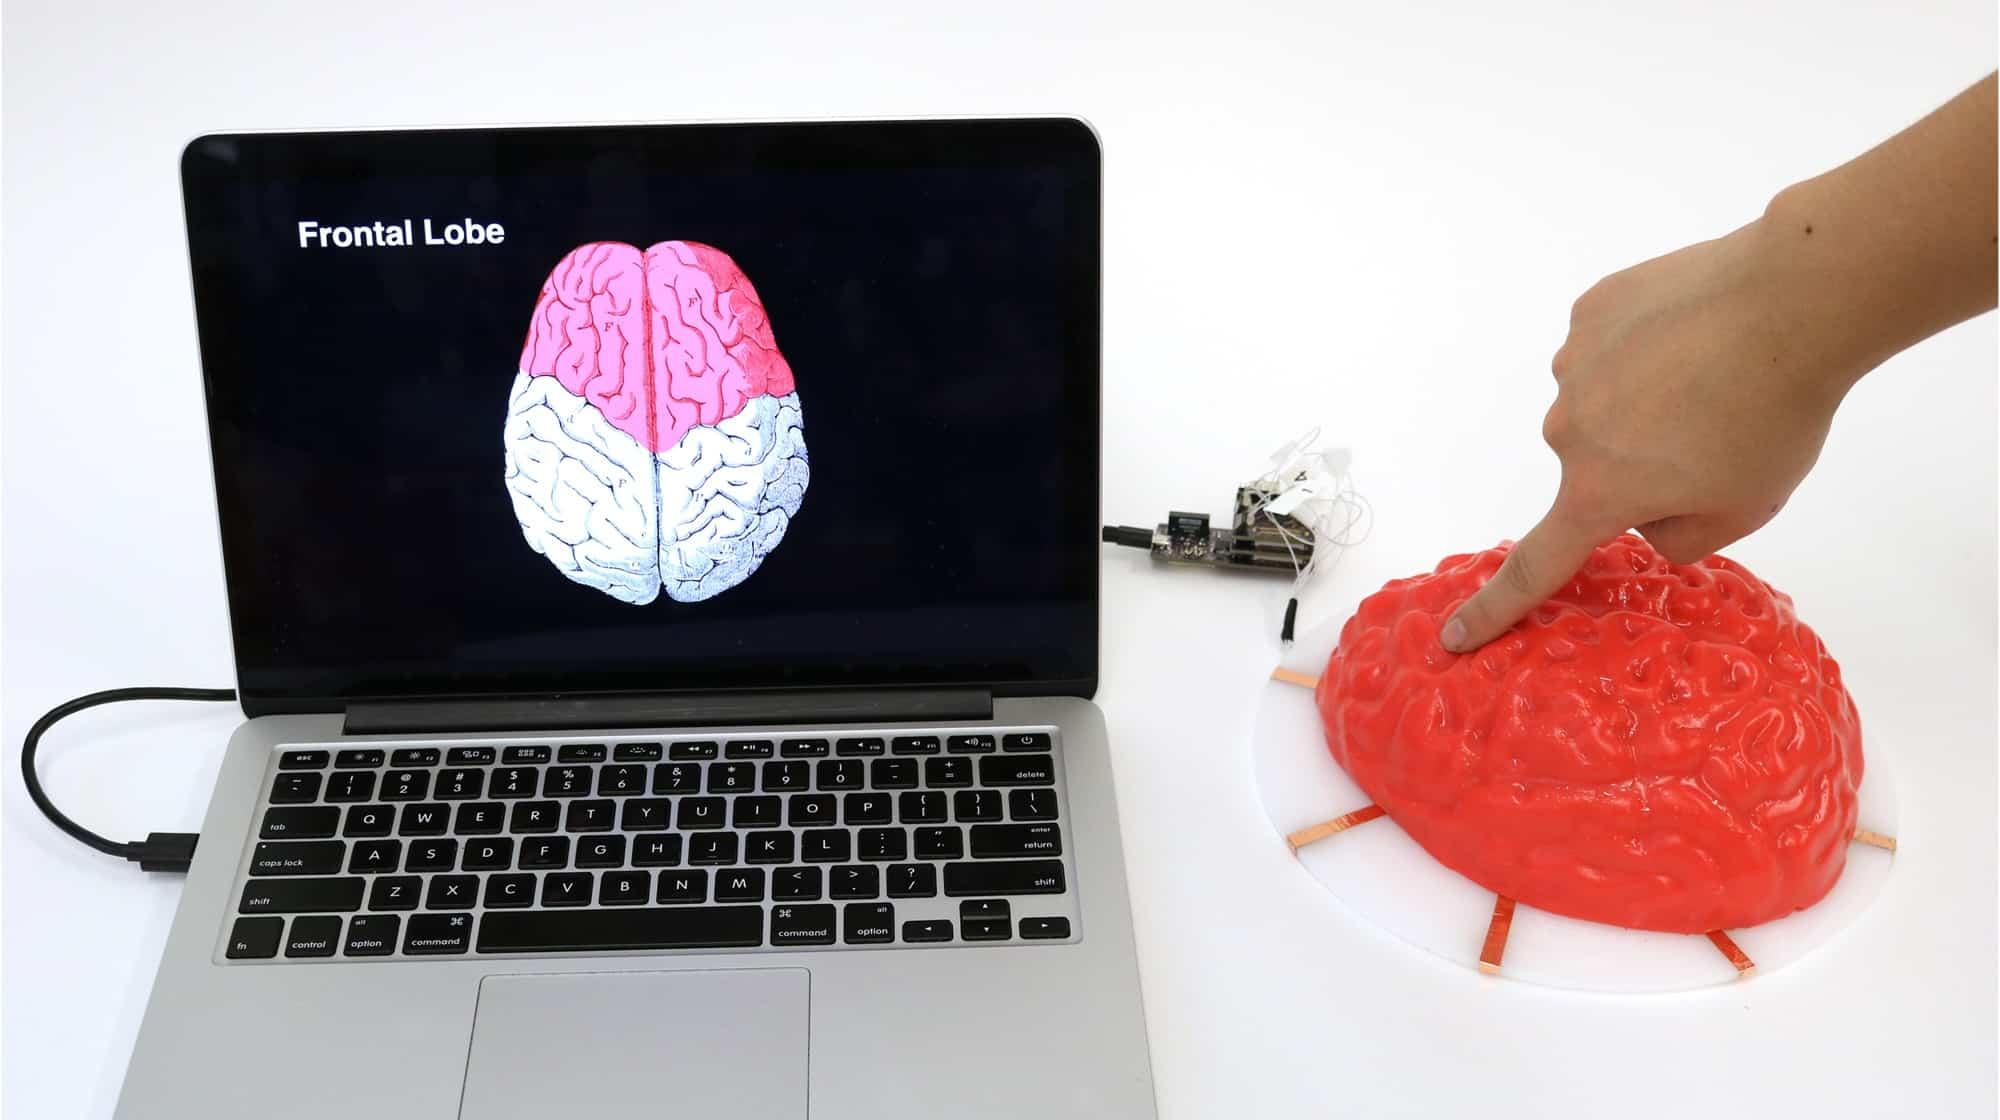 ما الذي يخبرنا به الدماغ الهلامي عن مستقبل التفاعل بين الإنسان والآلة